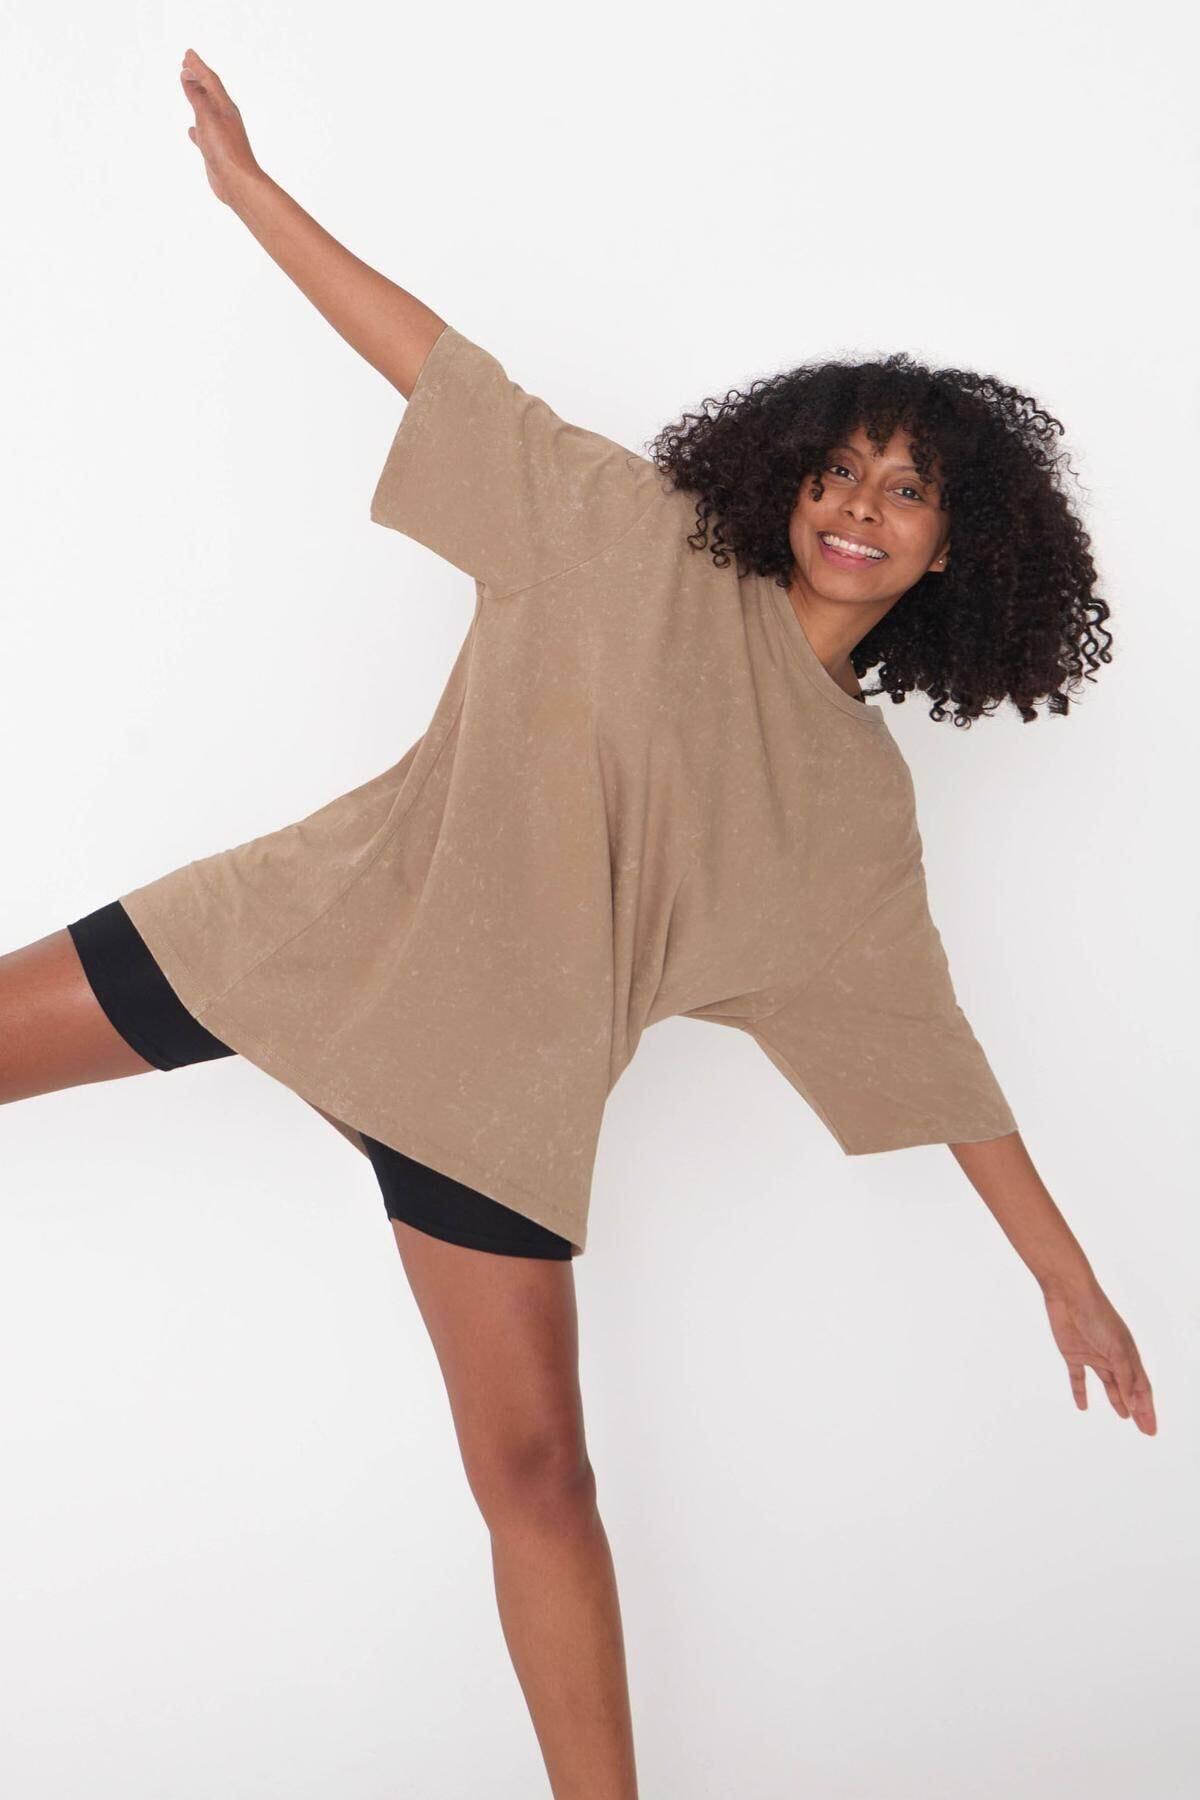 Addax Kadın Açık Kahve Batik T-Shirt P1118 - J9 Adx-0000023700